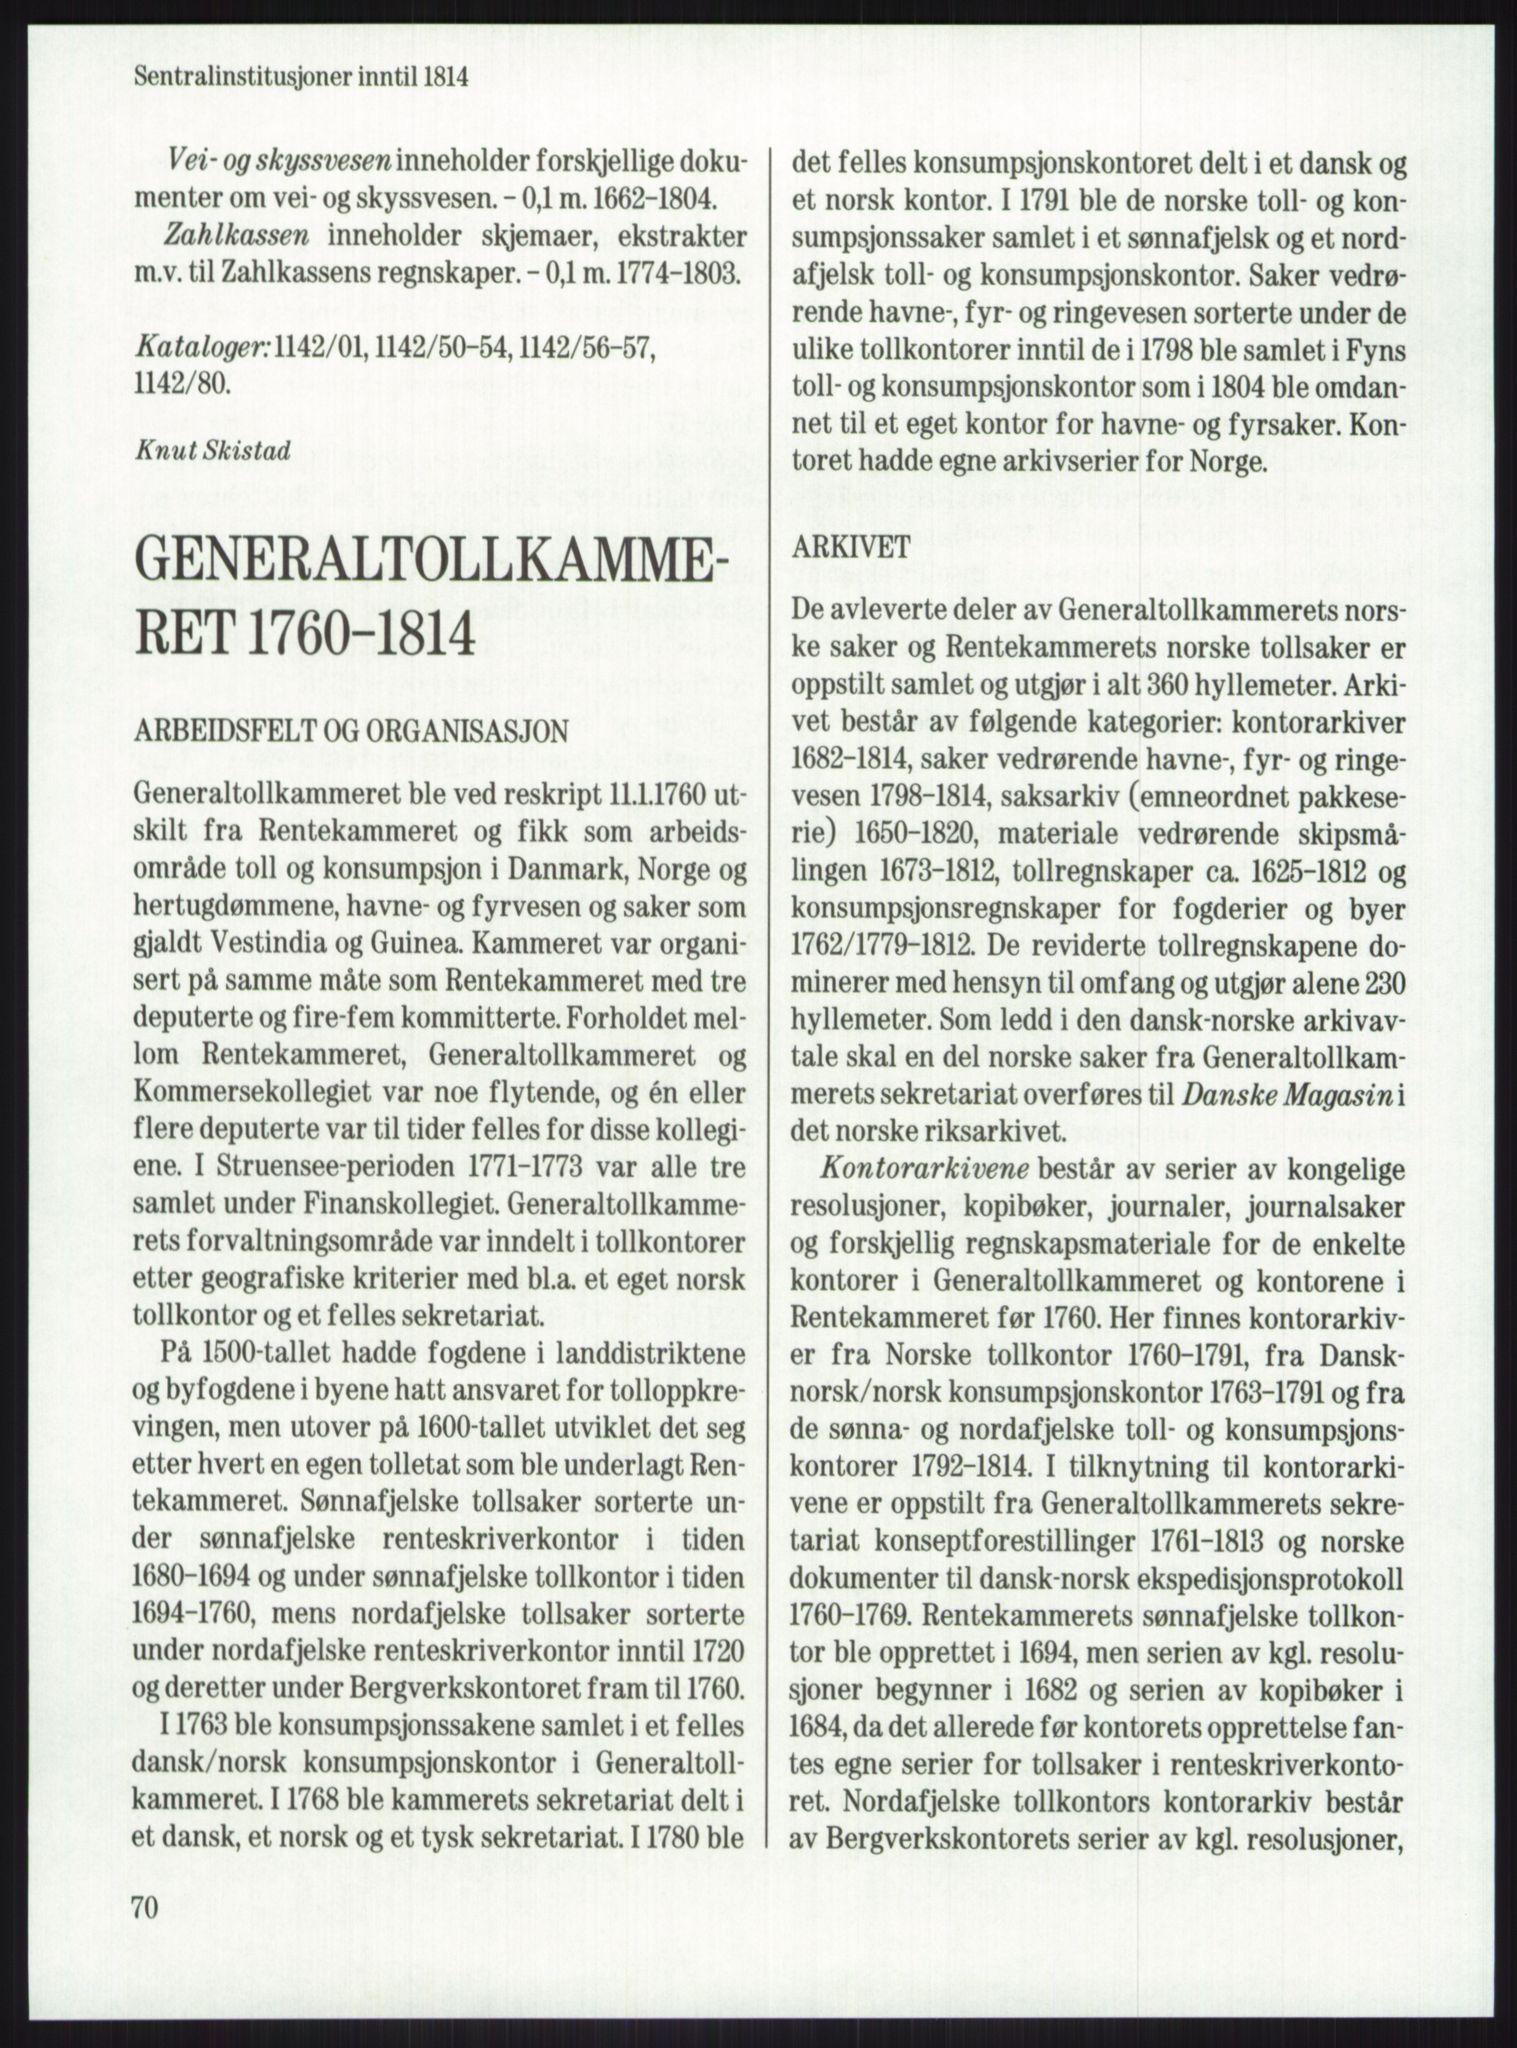 RA, Publikasjoner, -/-: Knut Johannessen, Ole Kolsrud og Dag Mangset (red.): Håndbok for Riksarkivet (1992), s. 70